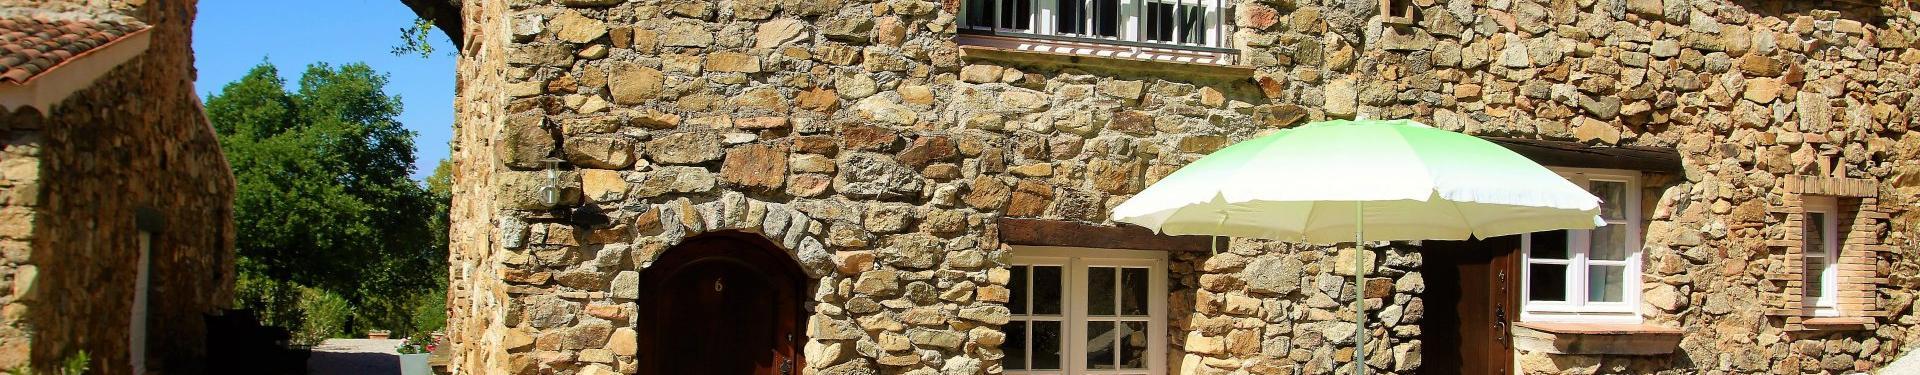 Plan de la Tour - UNIQUE! Dans un joli hameau, petite maison avec 1 chambre et terrasse.